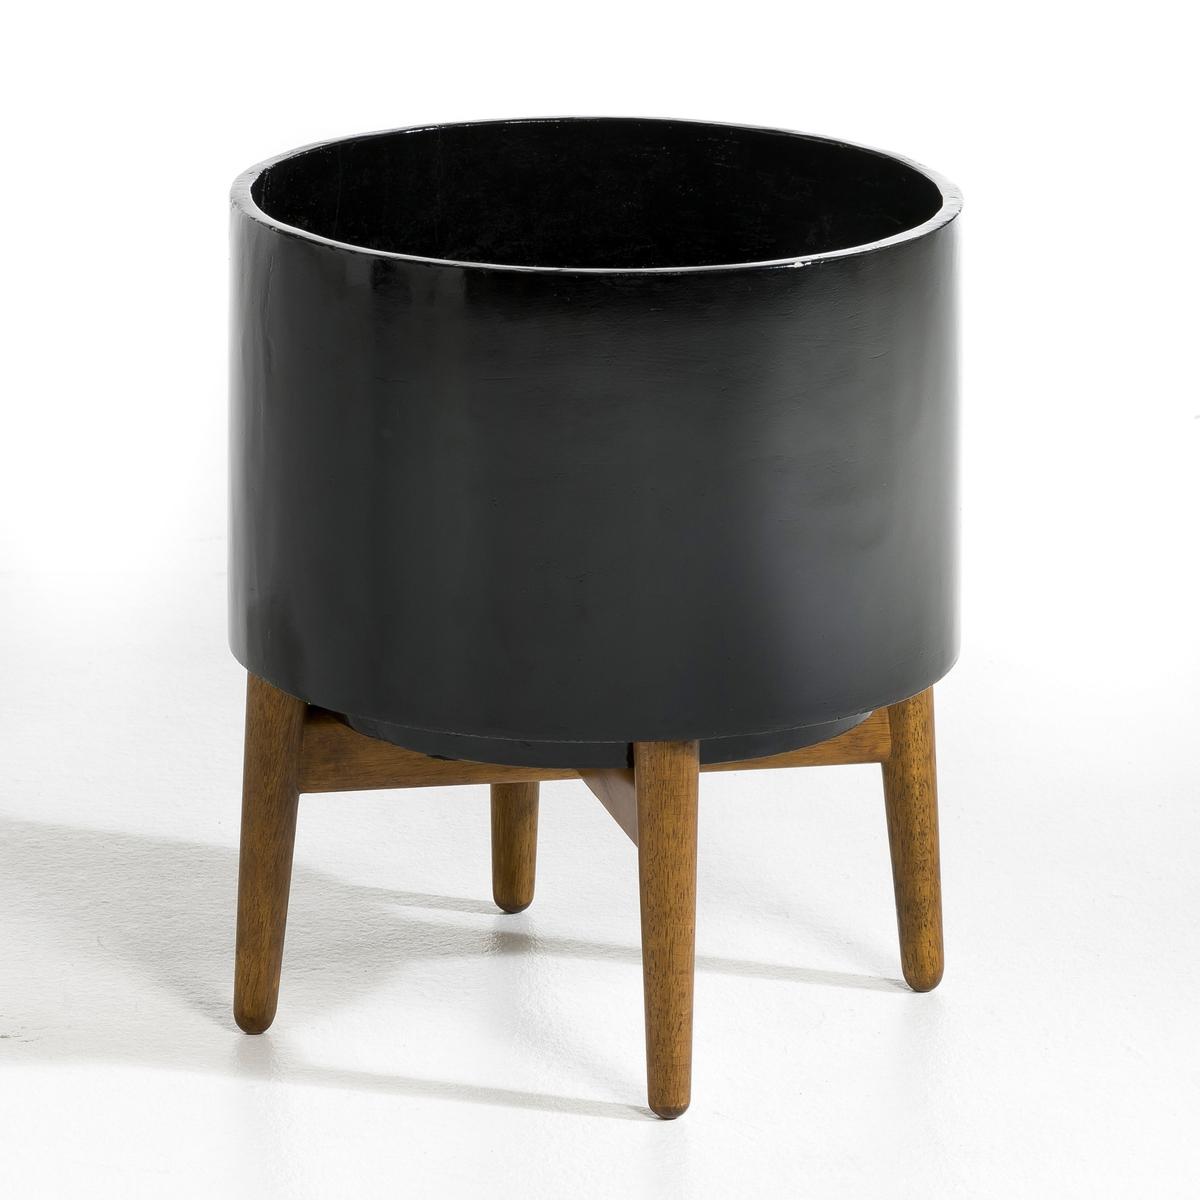 Кашпо Выс 42 см, FlorianLa Redoute<br>Описание : - Из керамики - Подставка из гельвеи Размеры : - ?37 x 42 см - Полезное пространство: ?35,5 x 25,5 см<br><br>Цвет: черный<br>Размер: единый размер